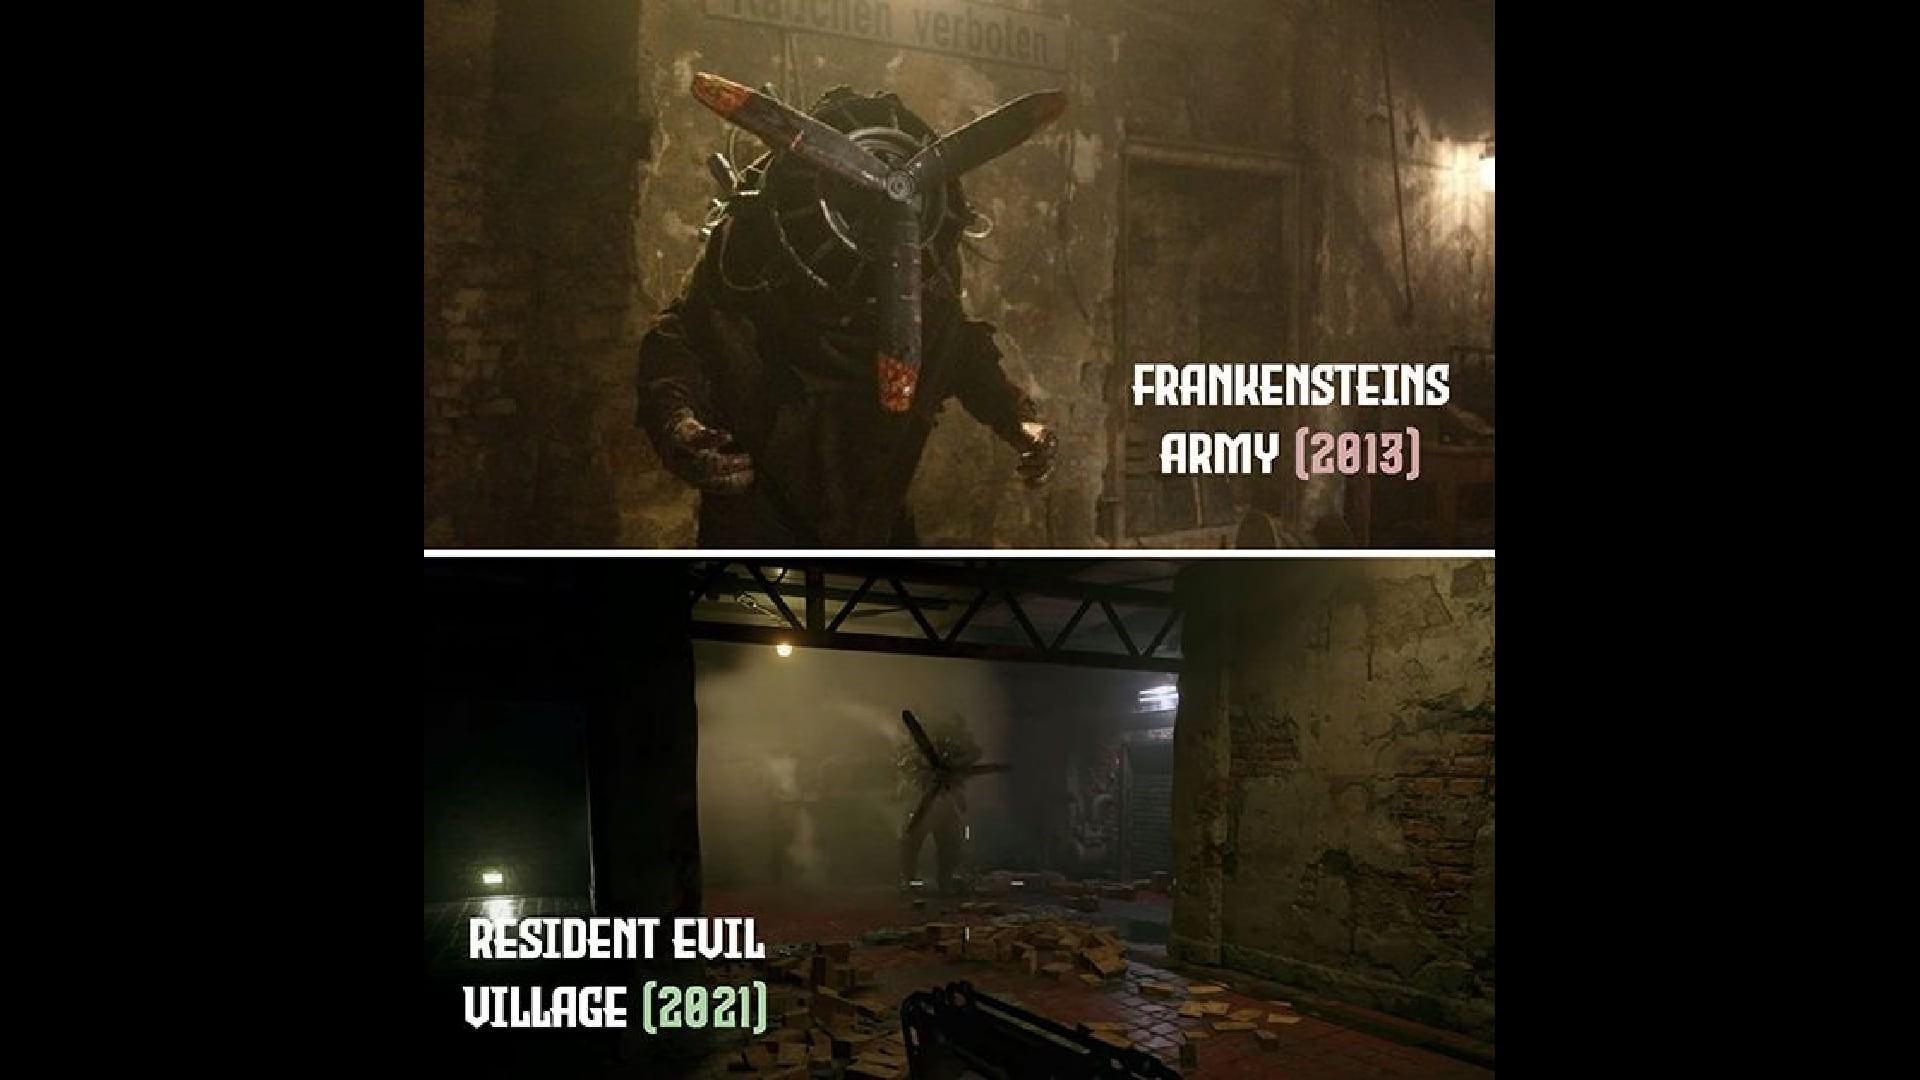 Resident Evil Village vs Frankenstein's Army